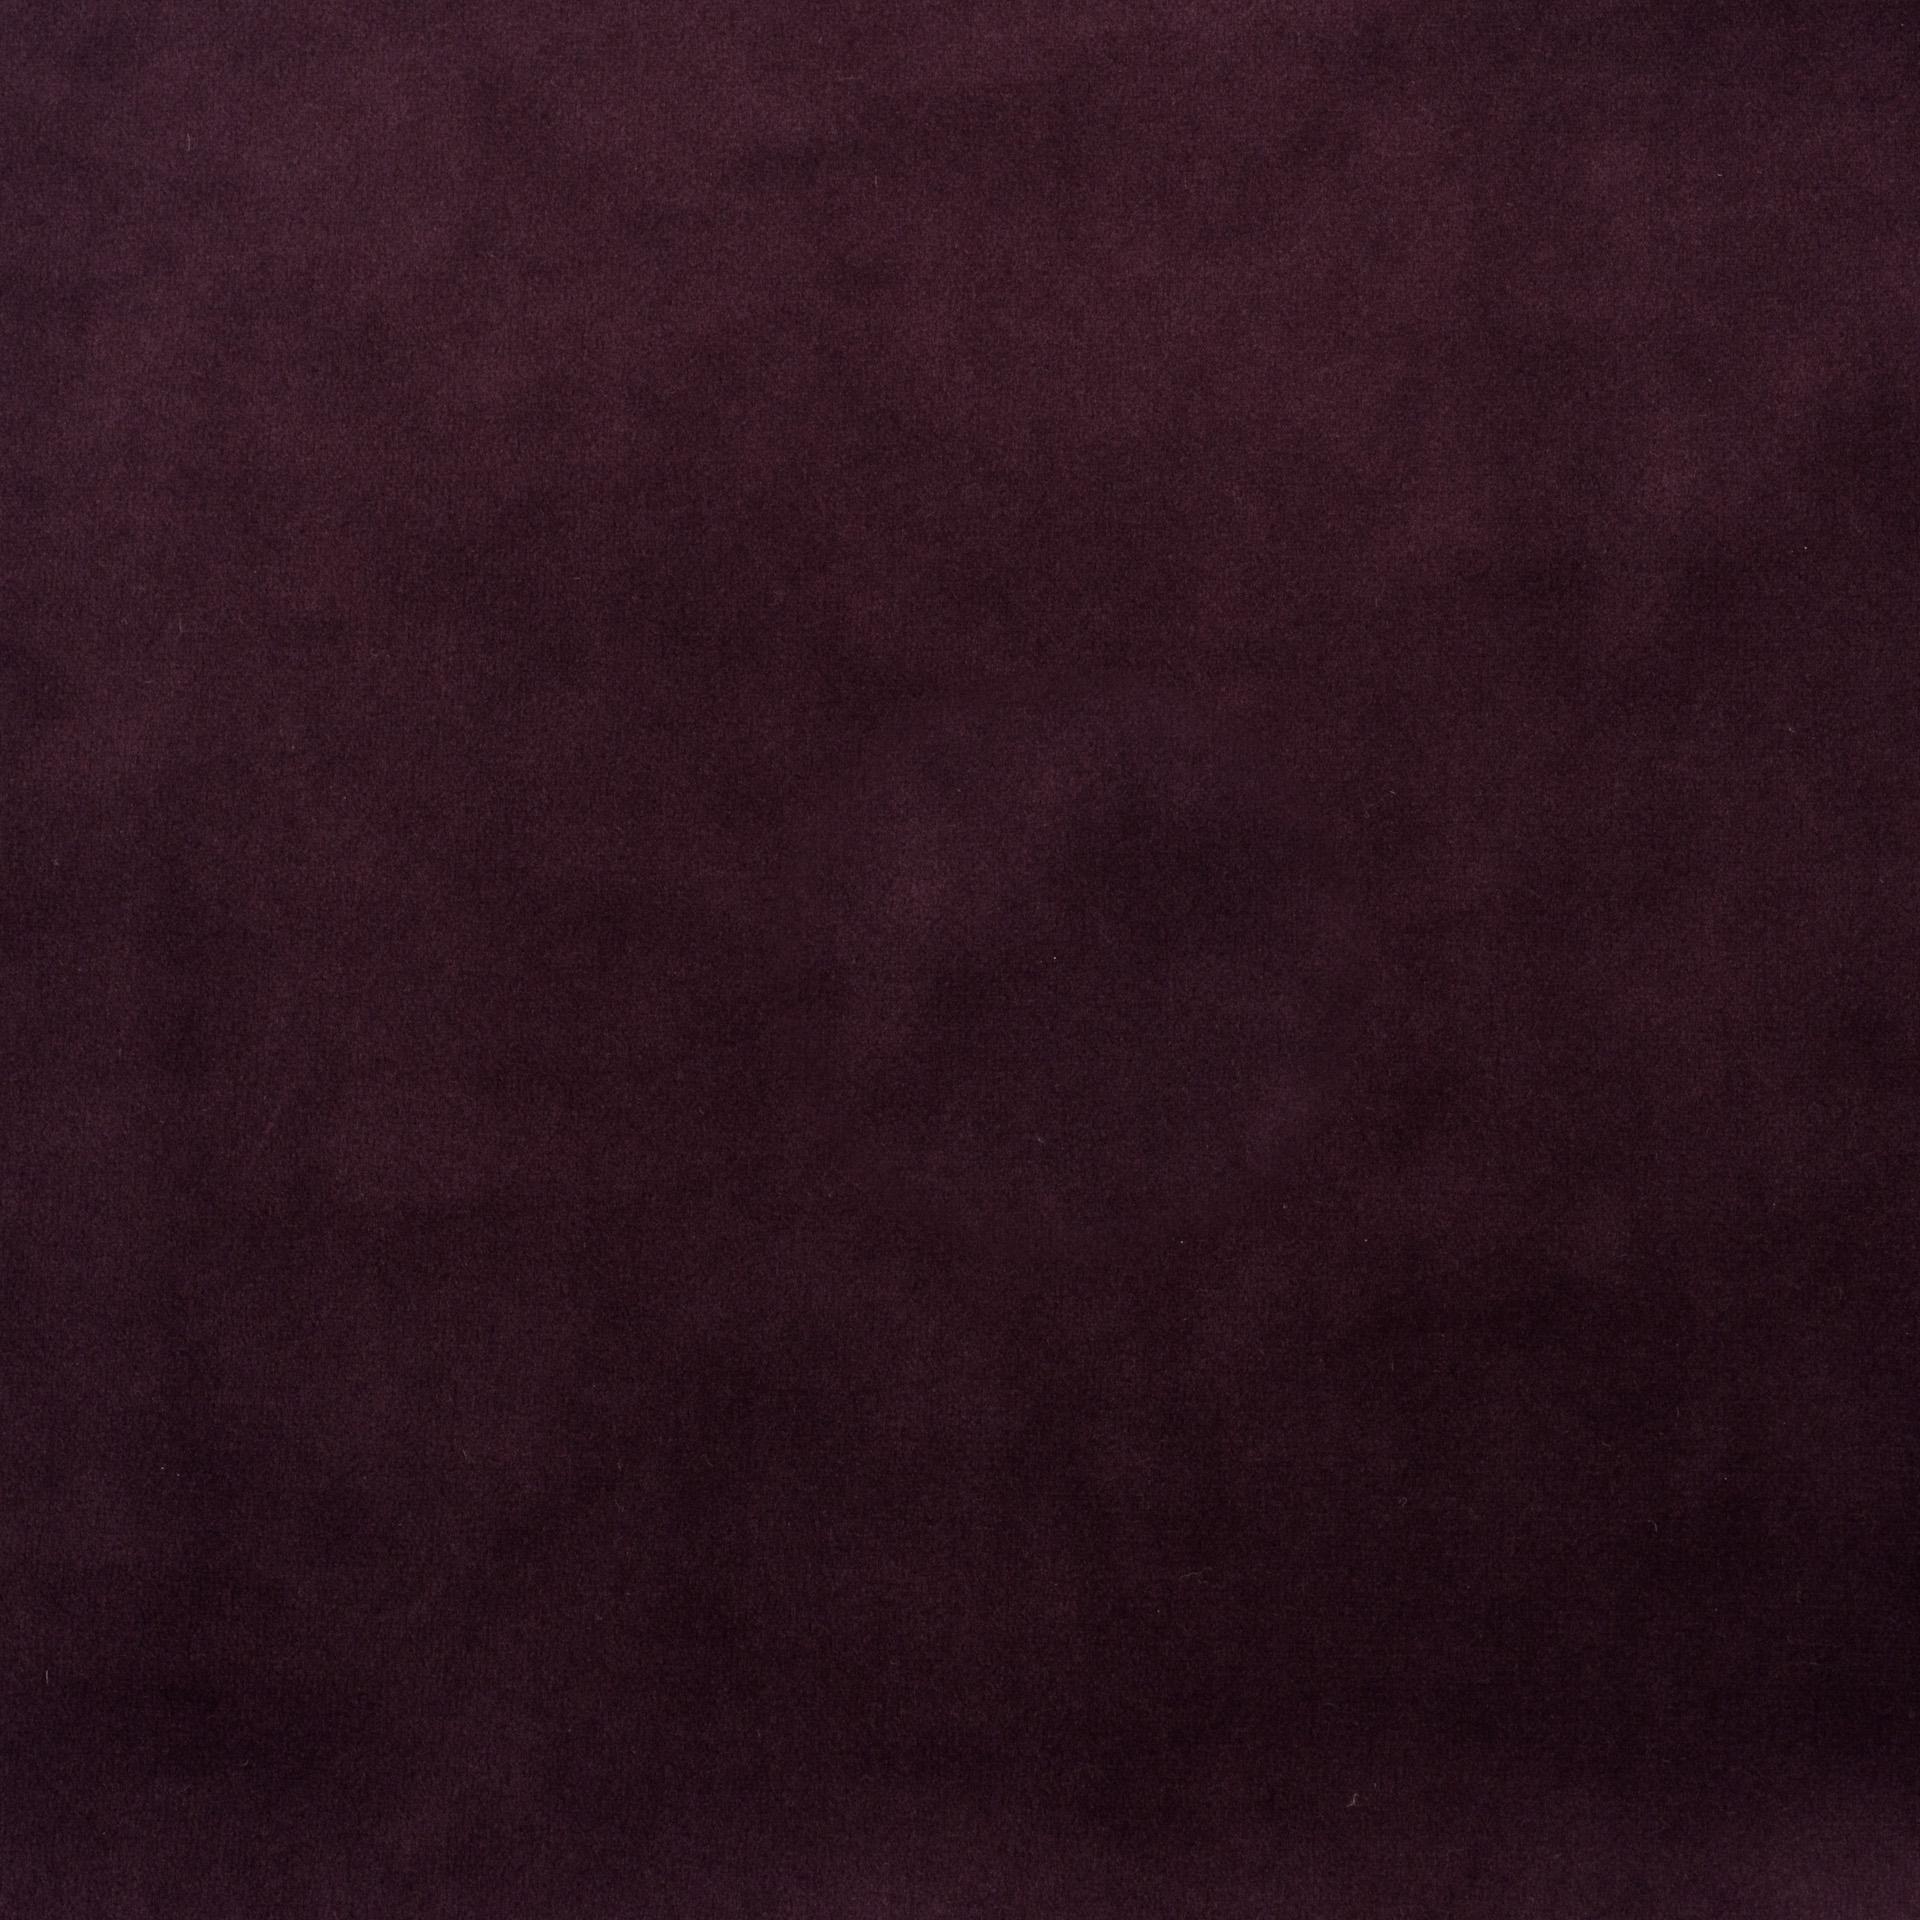 Коллекция ткани Альмира 06 DARK PURPLE,  купить ткань Велюр для мебели Украина